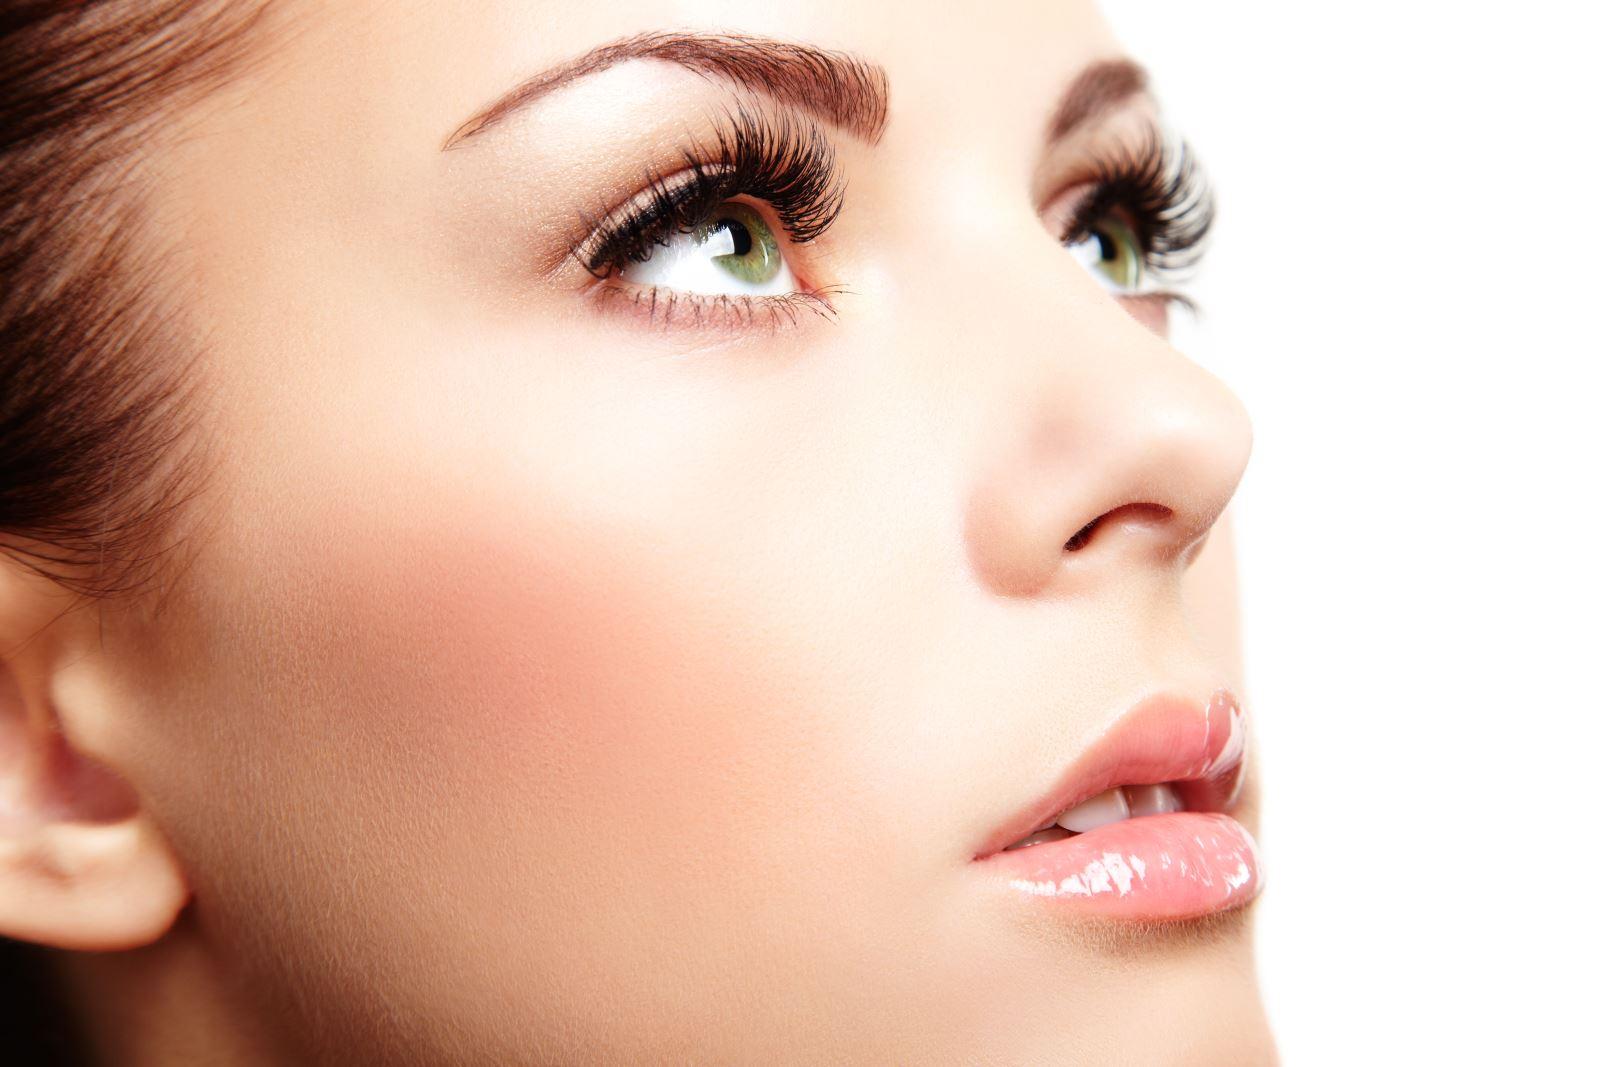 睫毛夹正确使用的方法